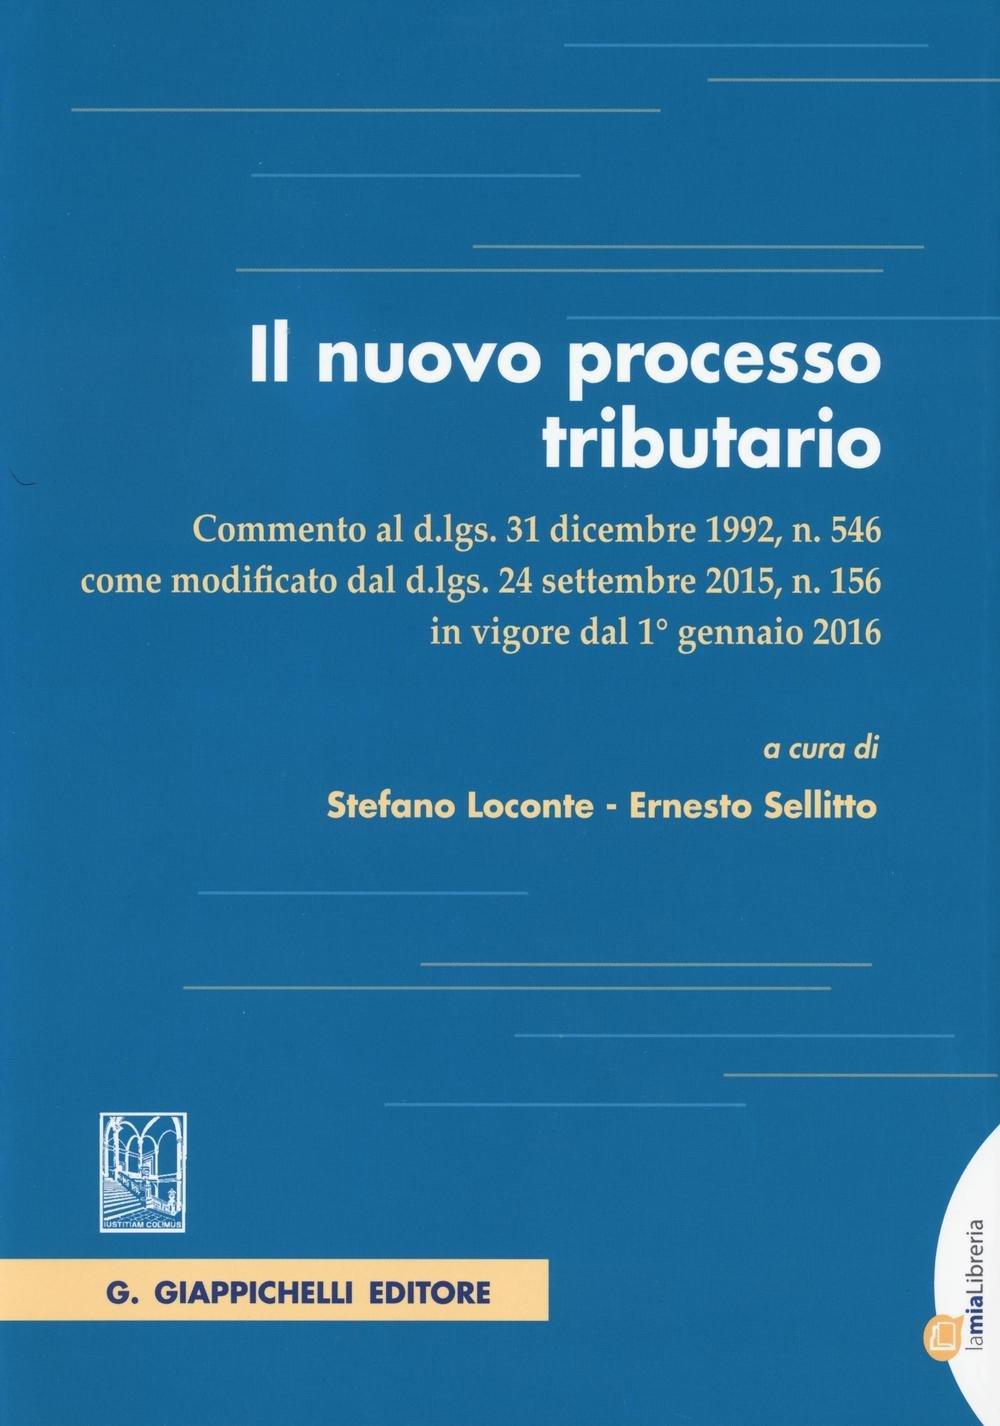 Il nuovo processo tributario. Commento al d.lgs. 31 dicembre 1992, n. 546 come modificato dal d.lgs